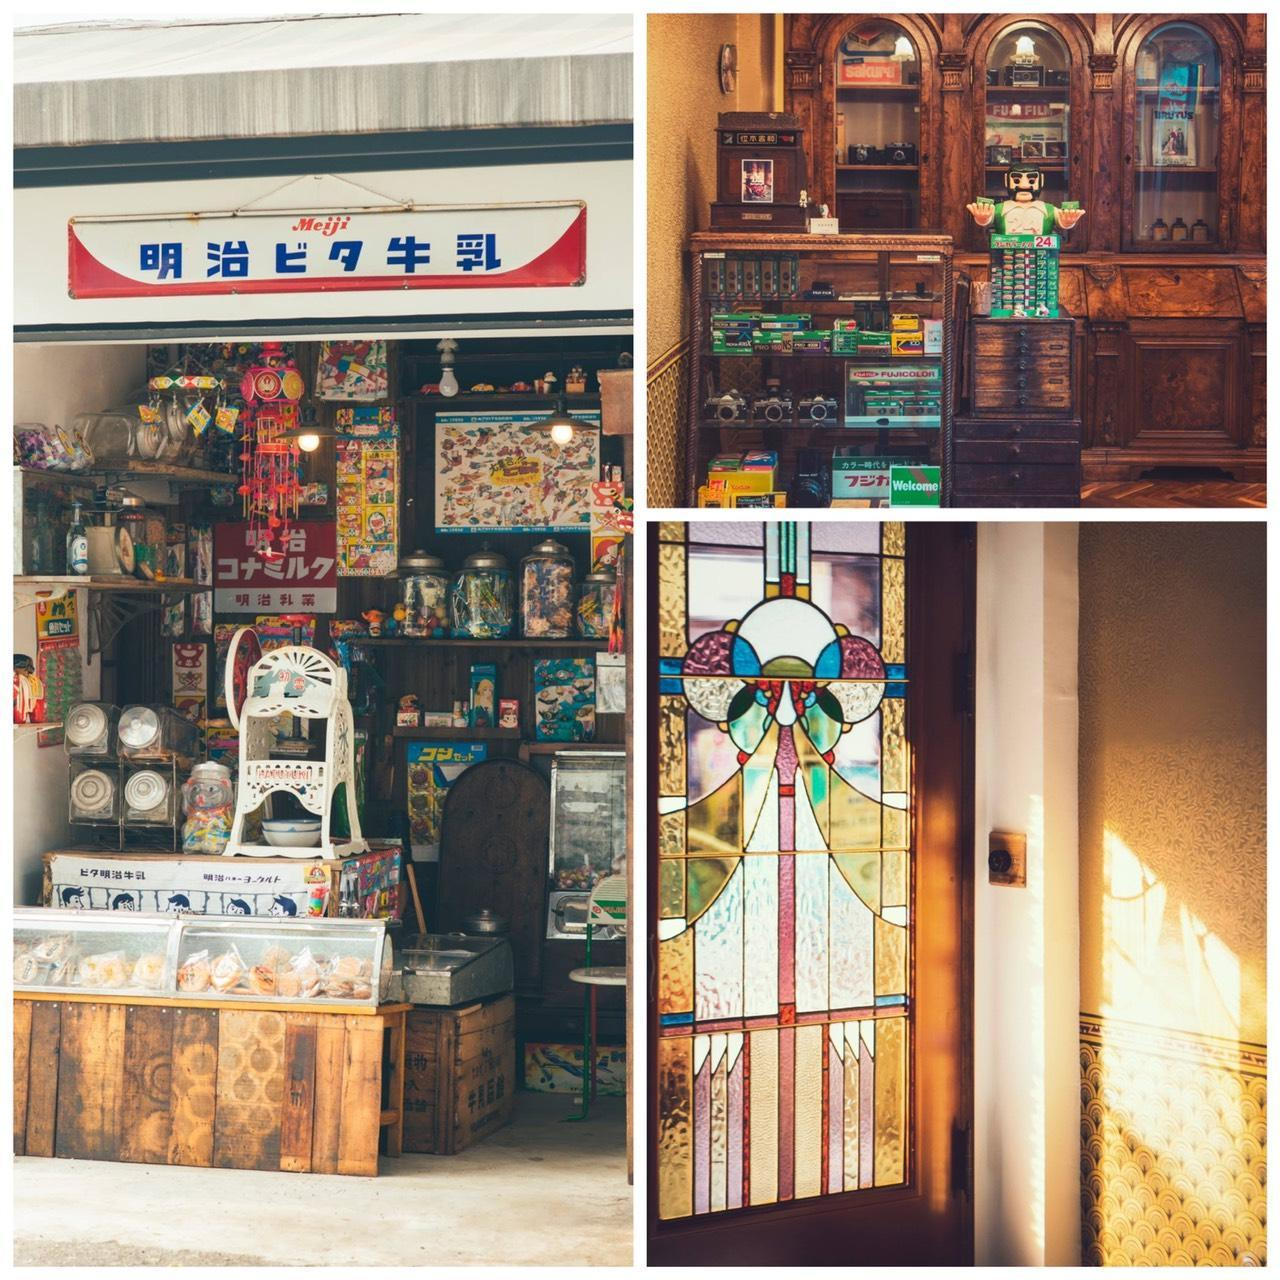 萬鏡寫真館,北部攝影棚推薦,台北拍照景點推薦